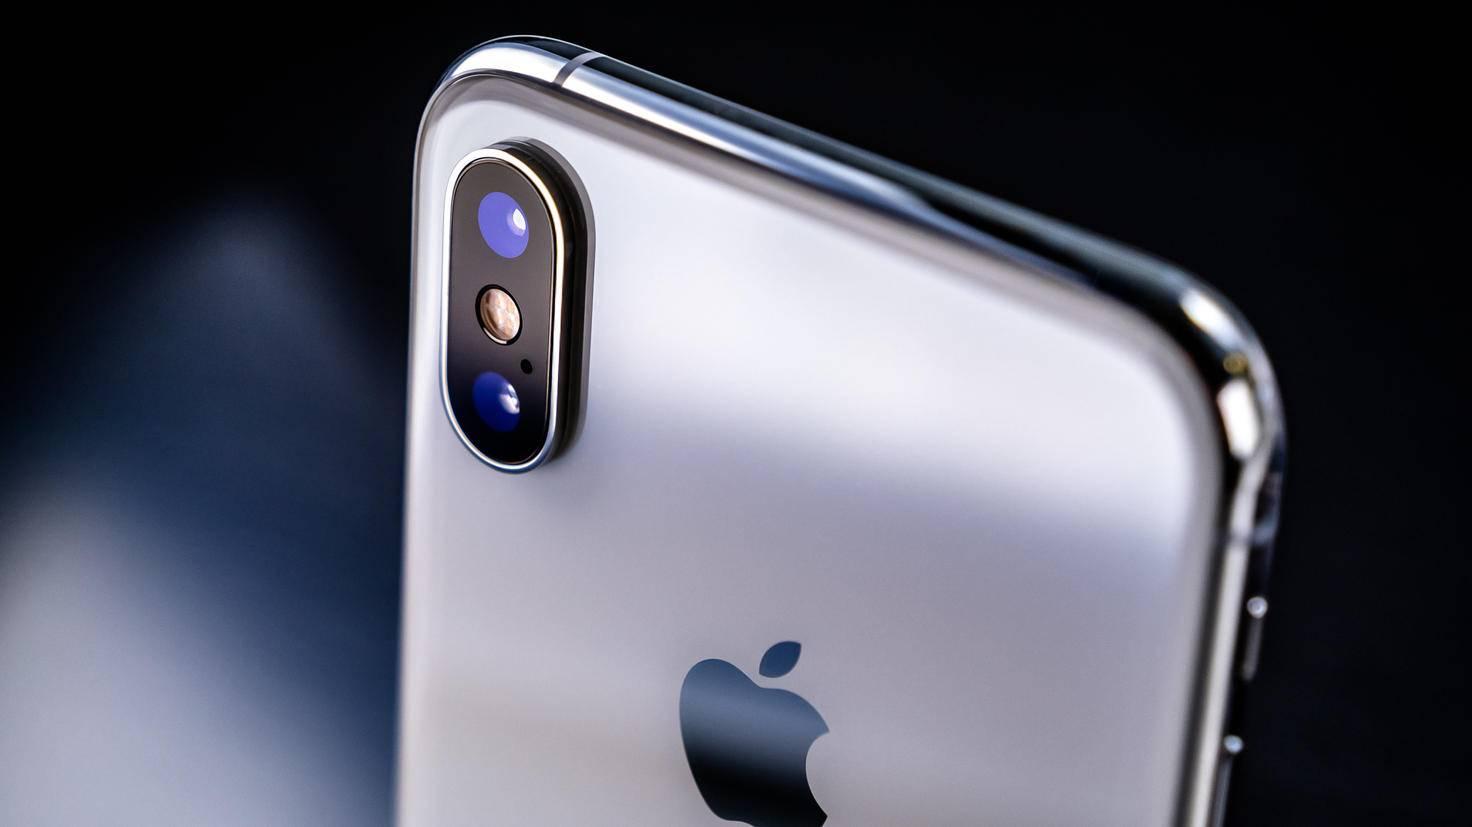 Das iPhone XS bringt eine 12-MP-Weitwinkel- und eine 12-MP-Telelinse mit.